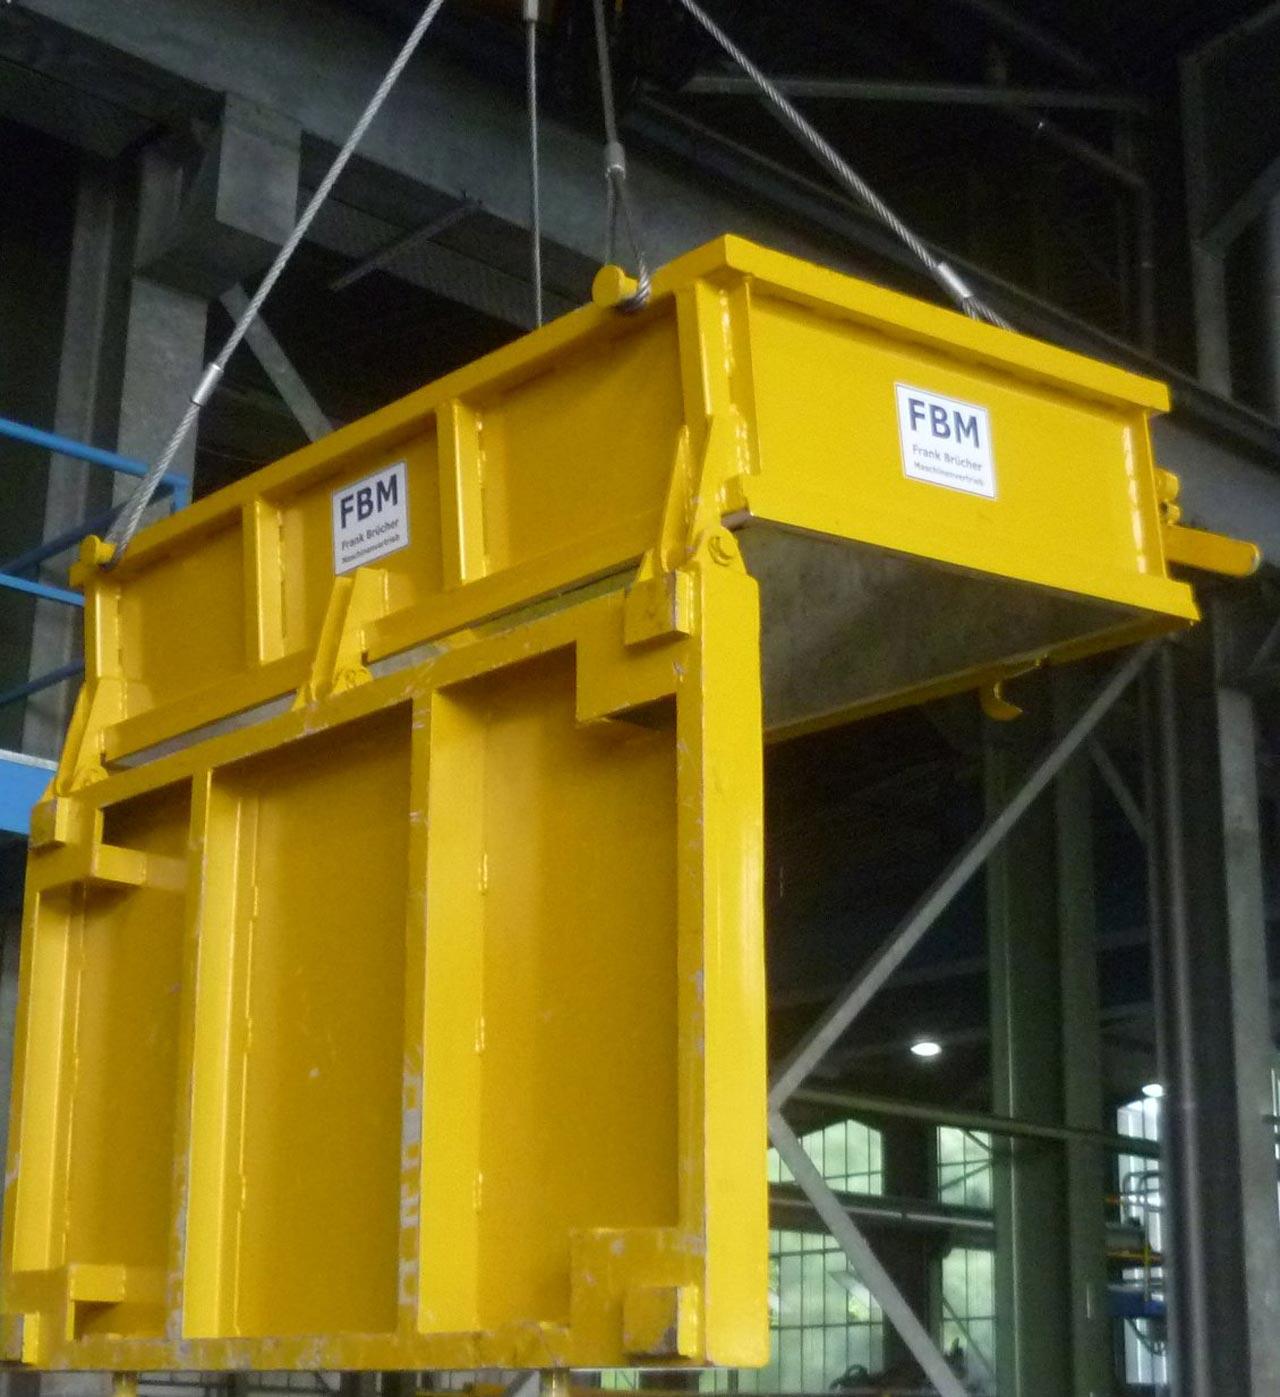 Schrottbox, Schrottbehälter, Schrottkübel, Schrottbox mit Bodenklappe, Schrottcontainer